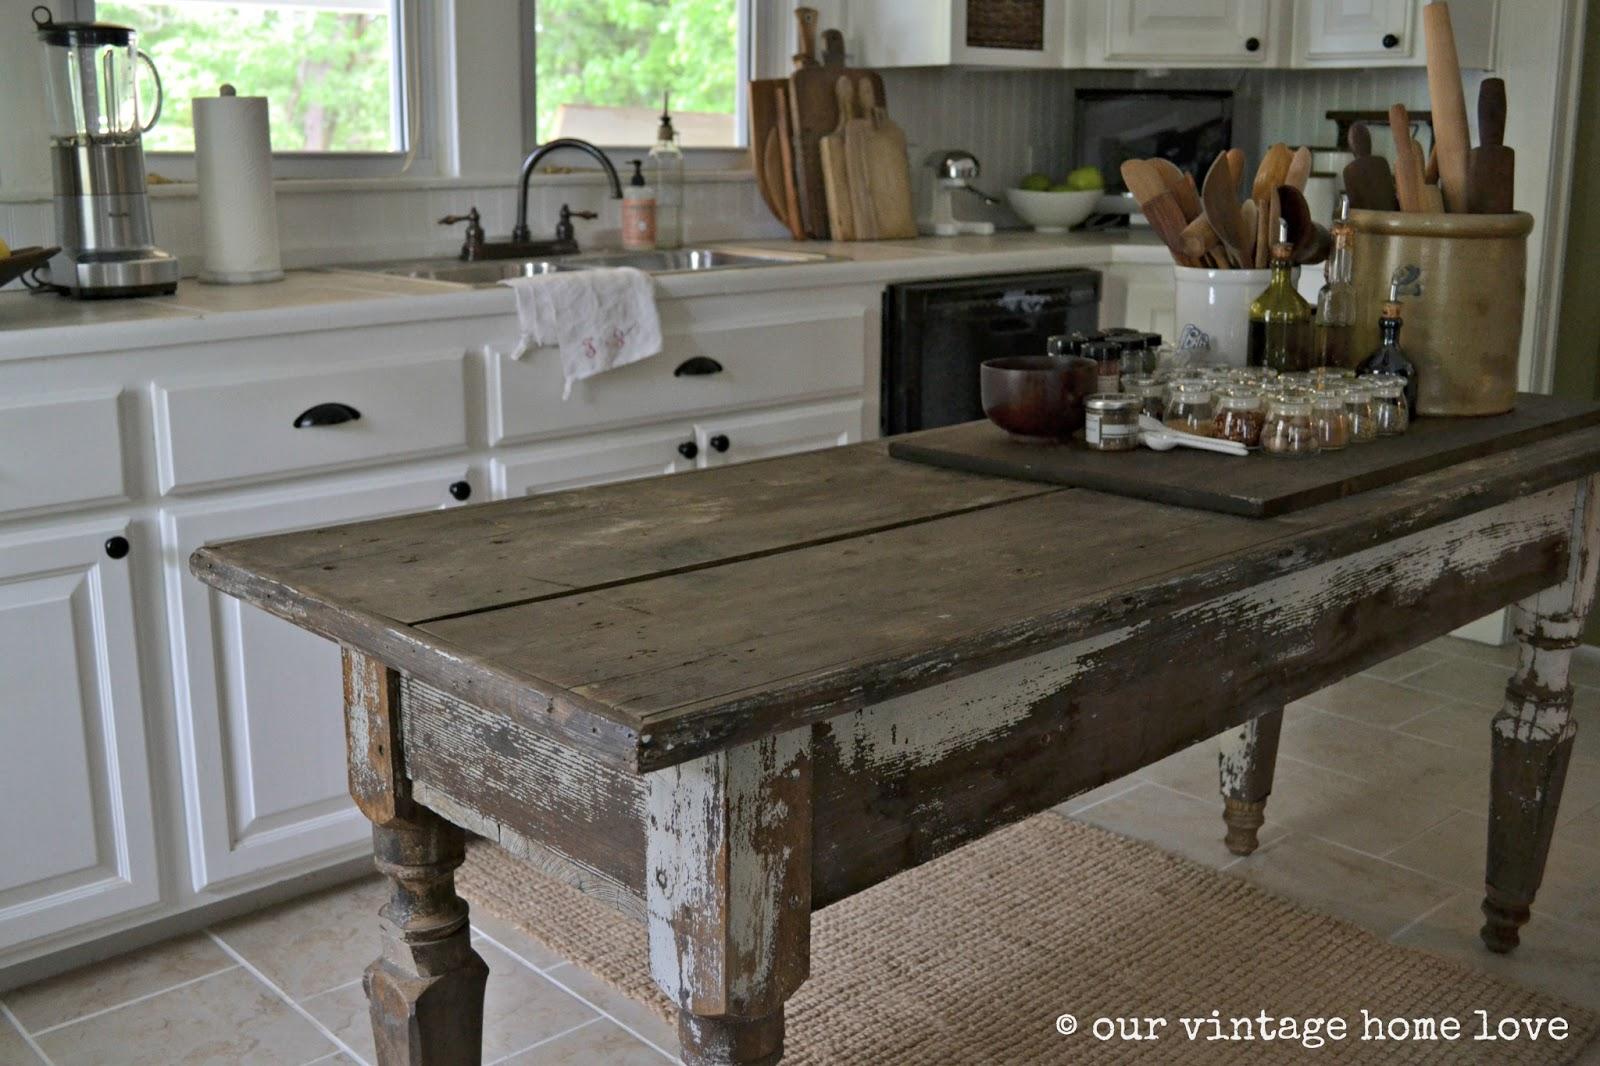 vintage home love: Farmhouse Table